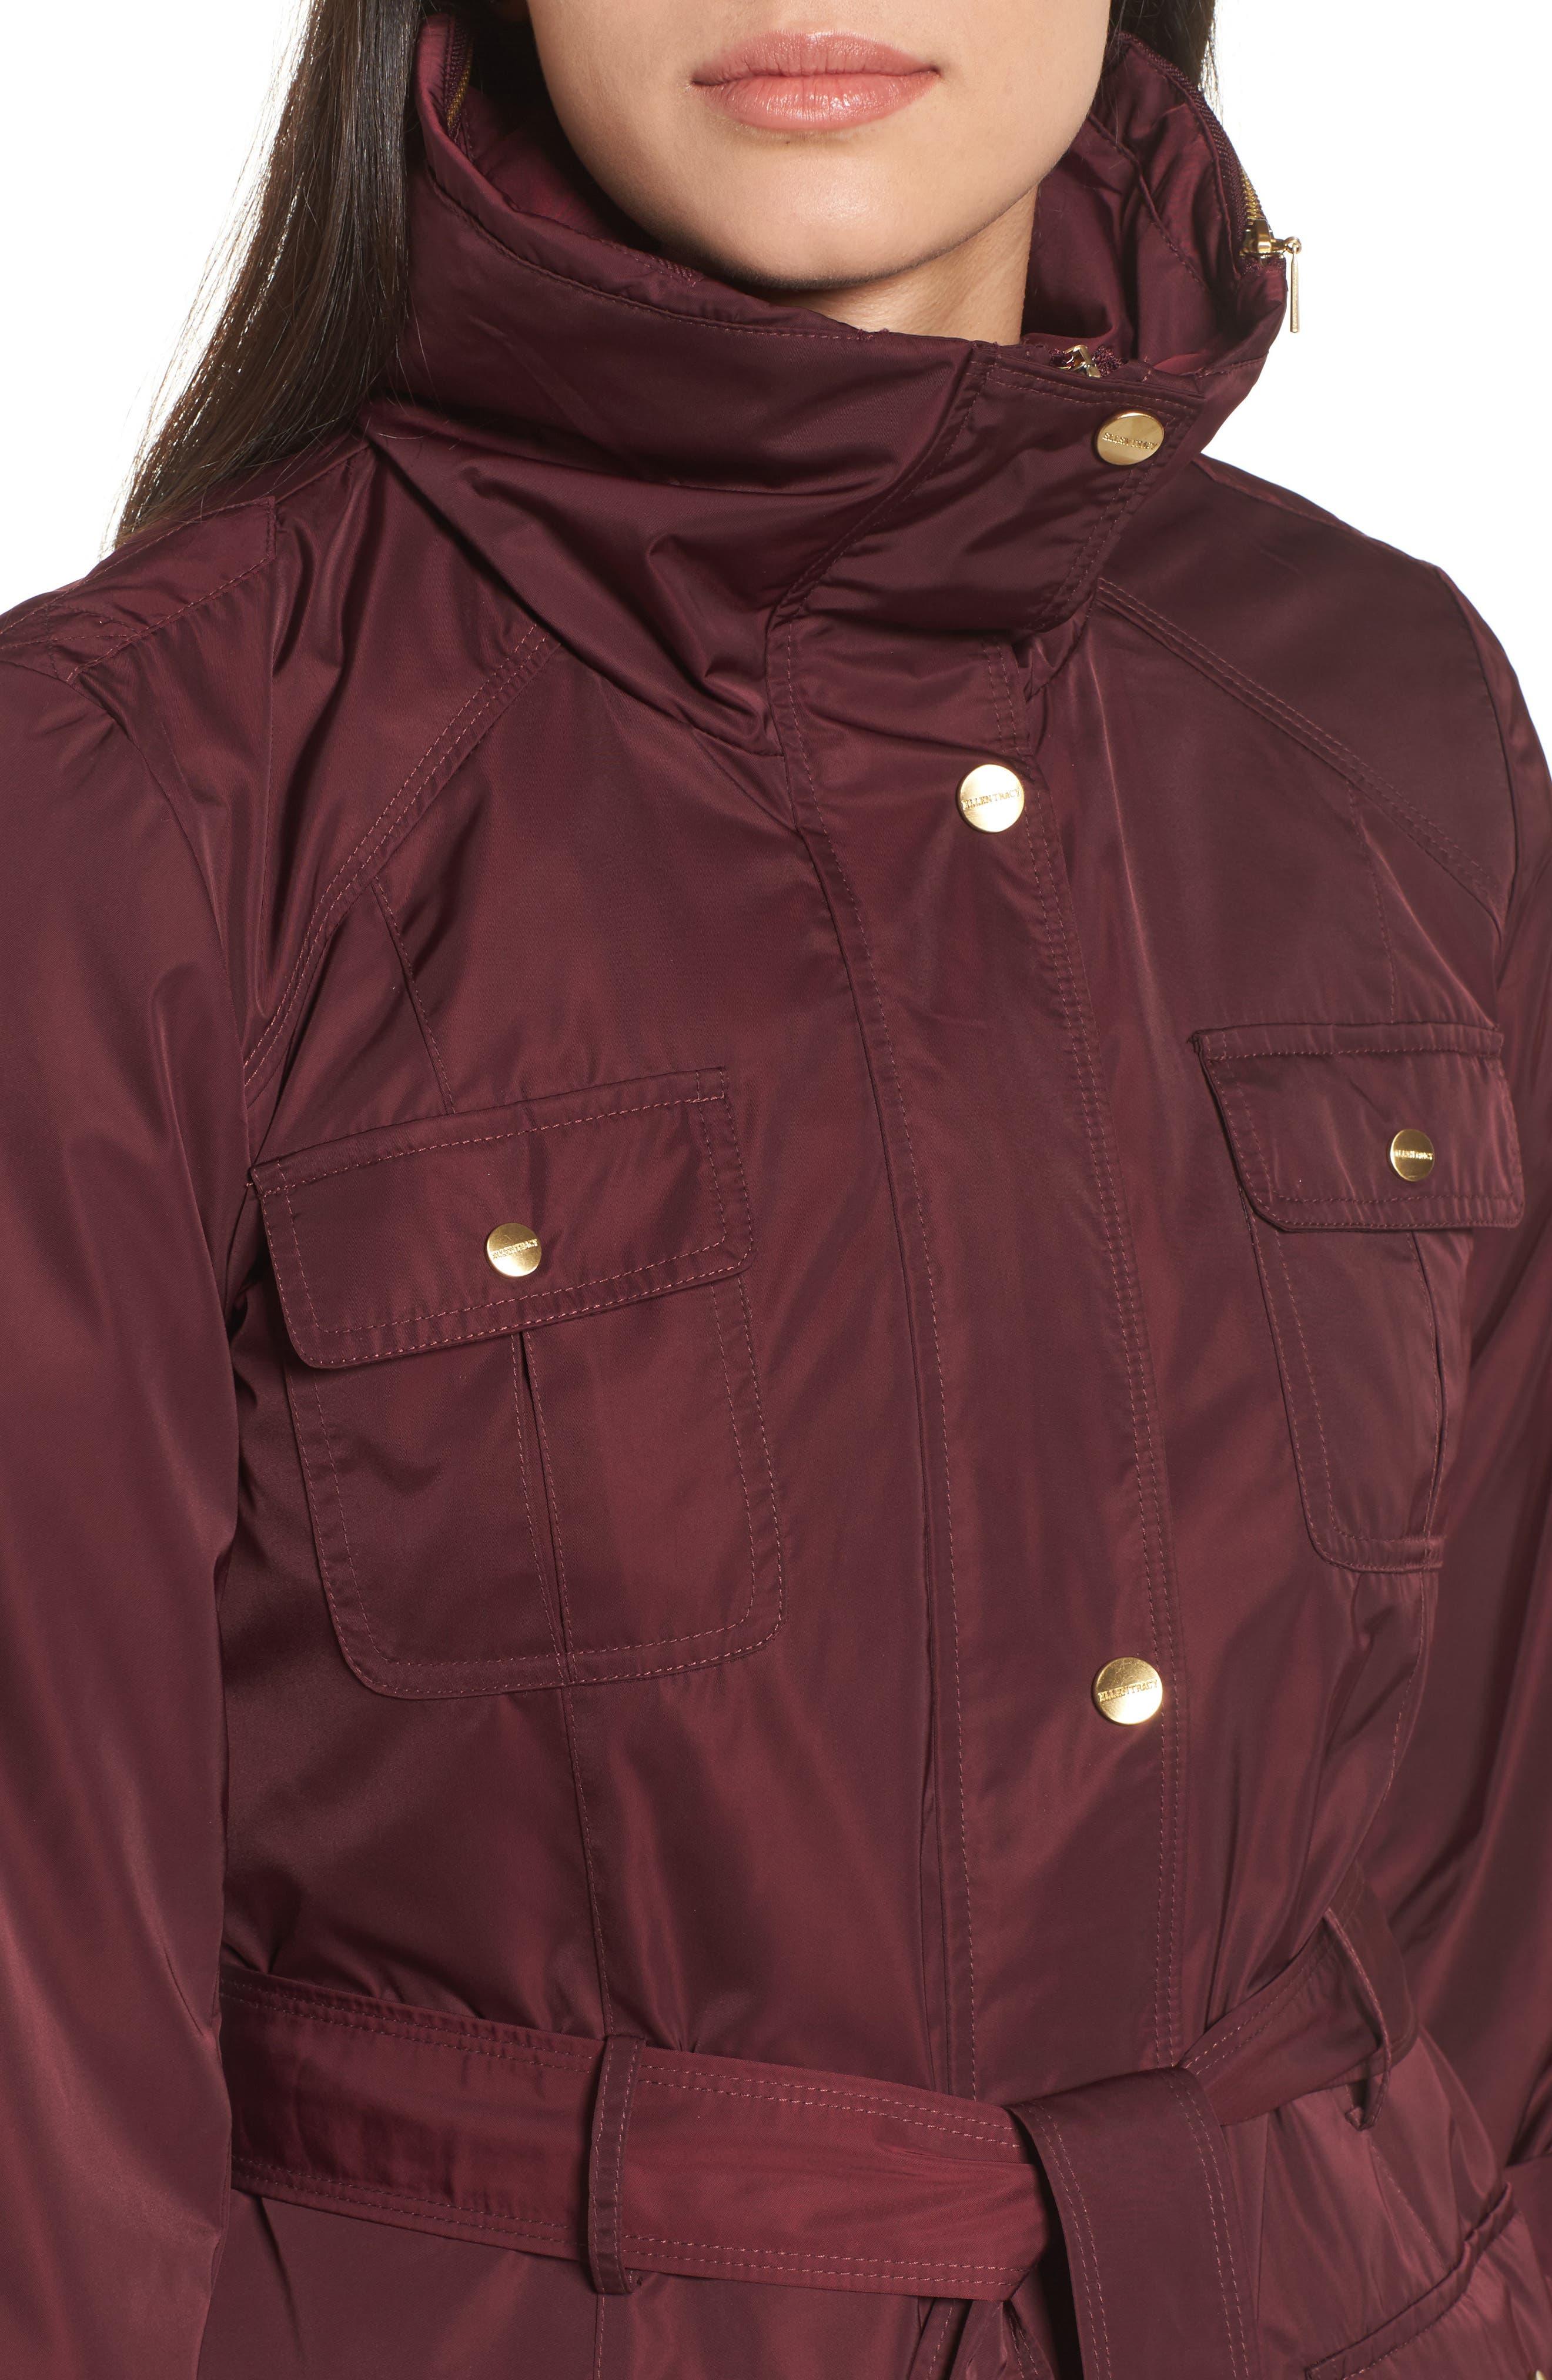 Techno Short Trench Coat,                             Alternate thumbnail 4, color,                             Burgundy